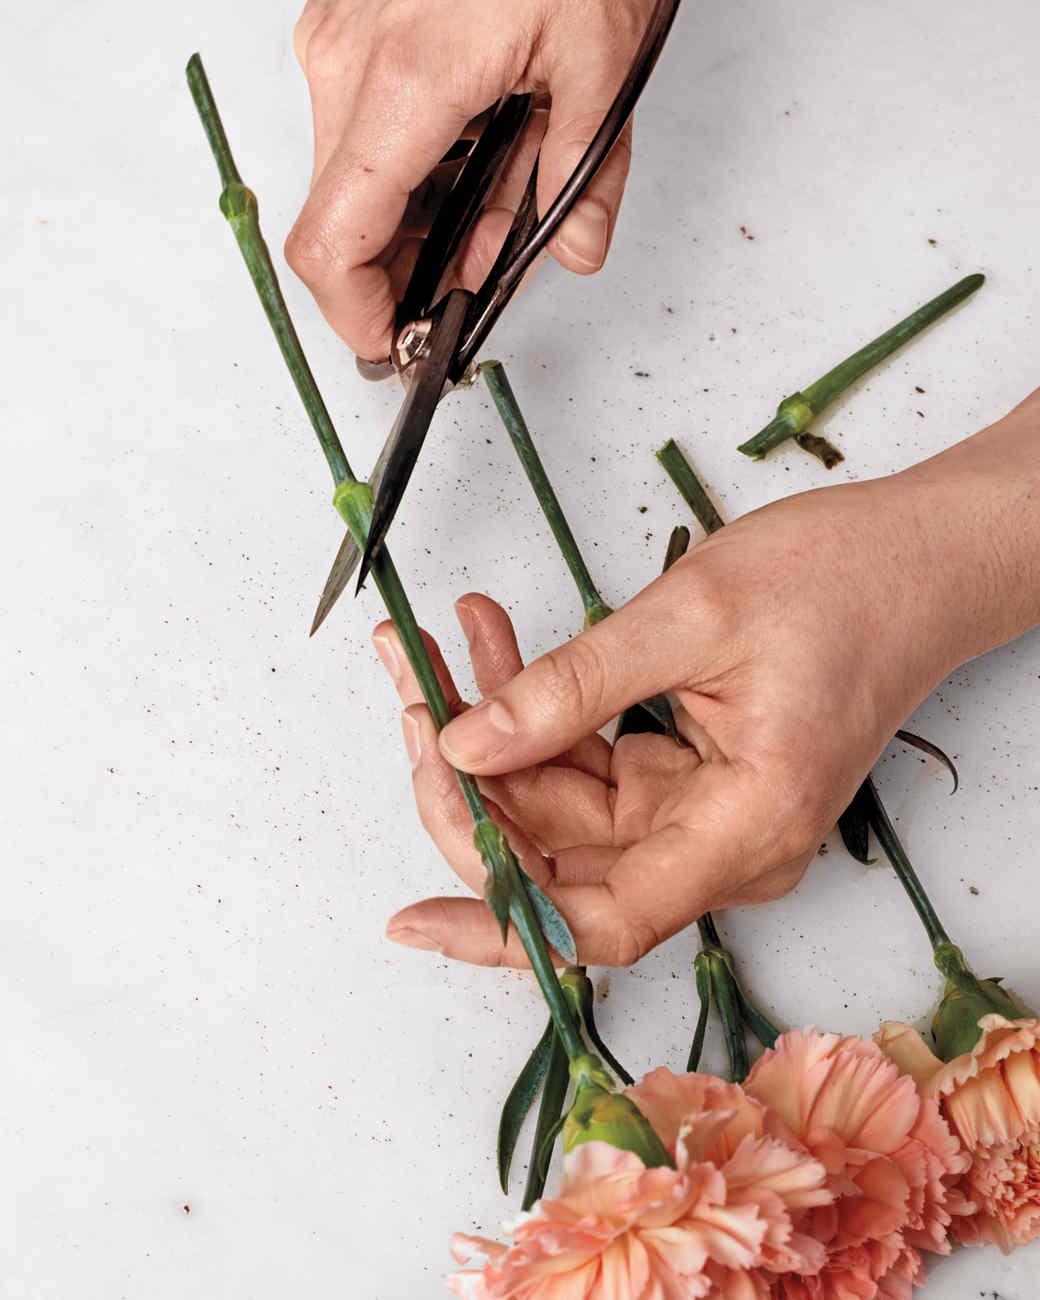 how-to-flower-arrangement-v8-52-d111001.jpg